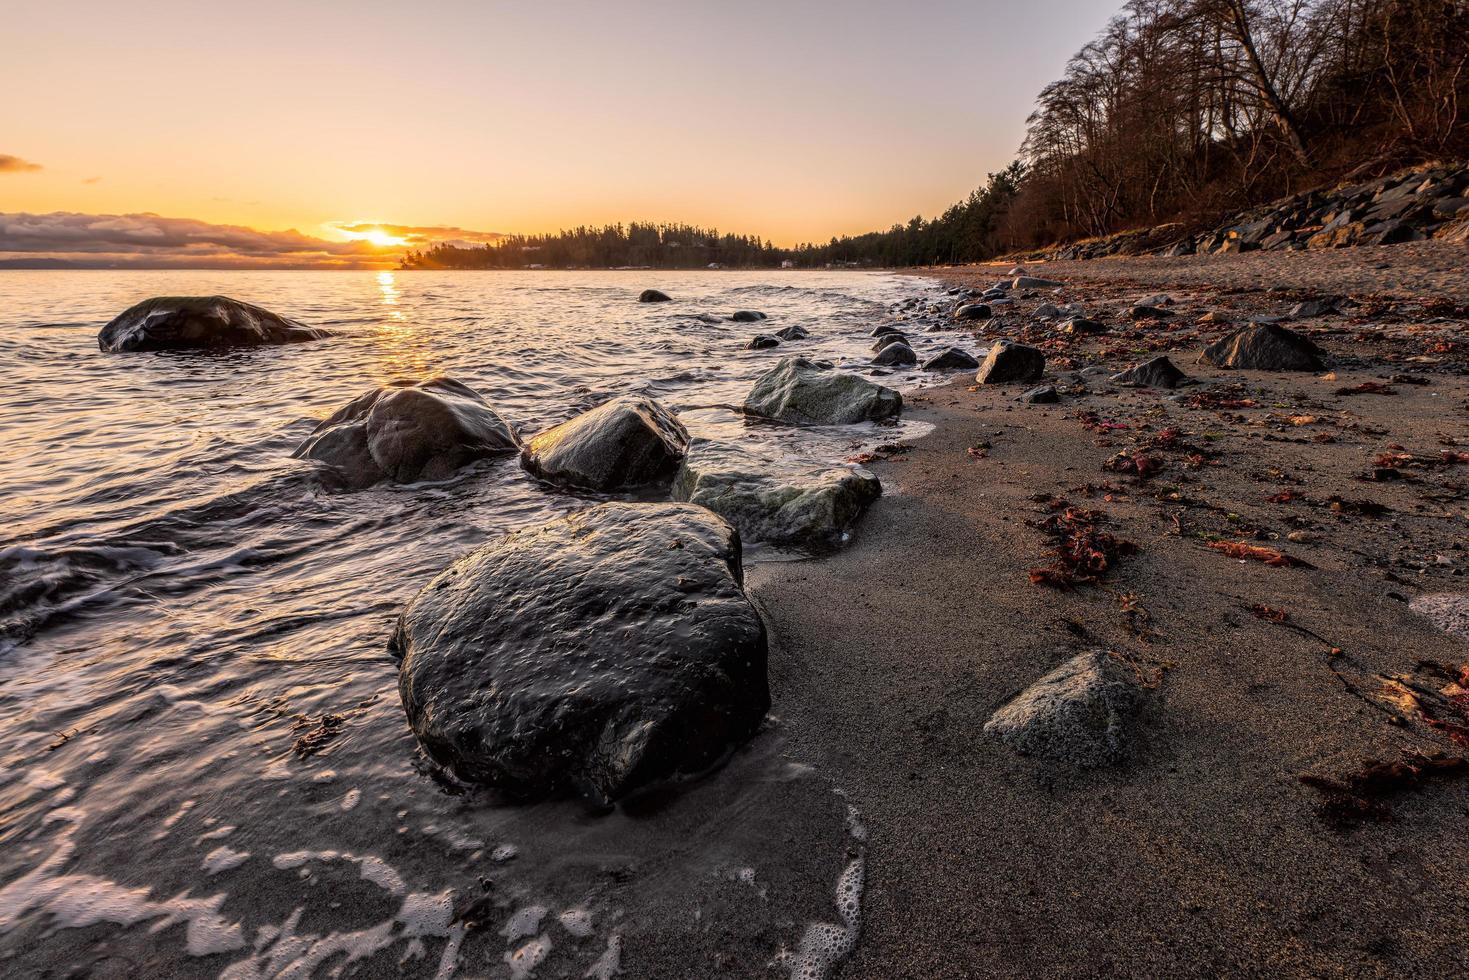 rocce grigie in riva al mare durante il tramonto foto